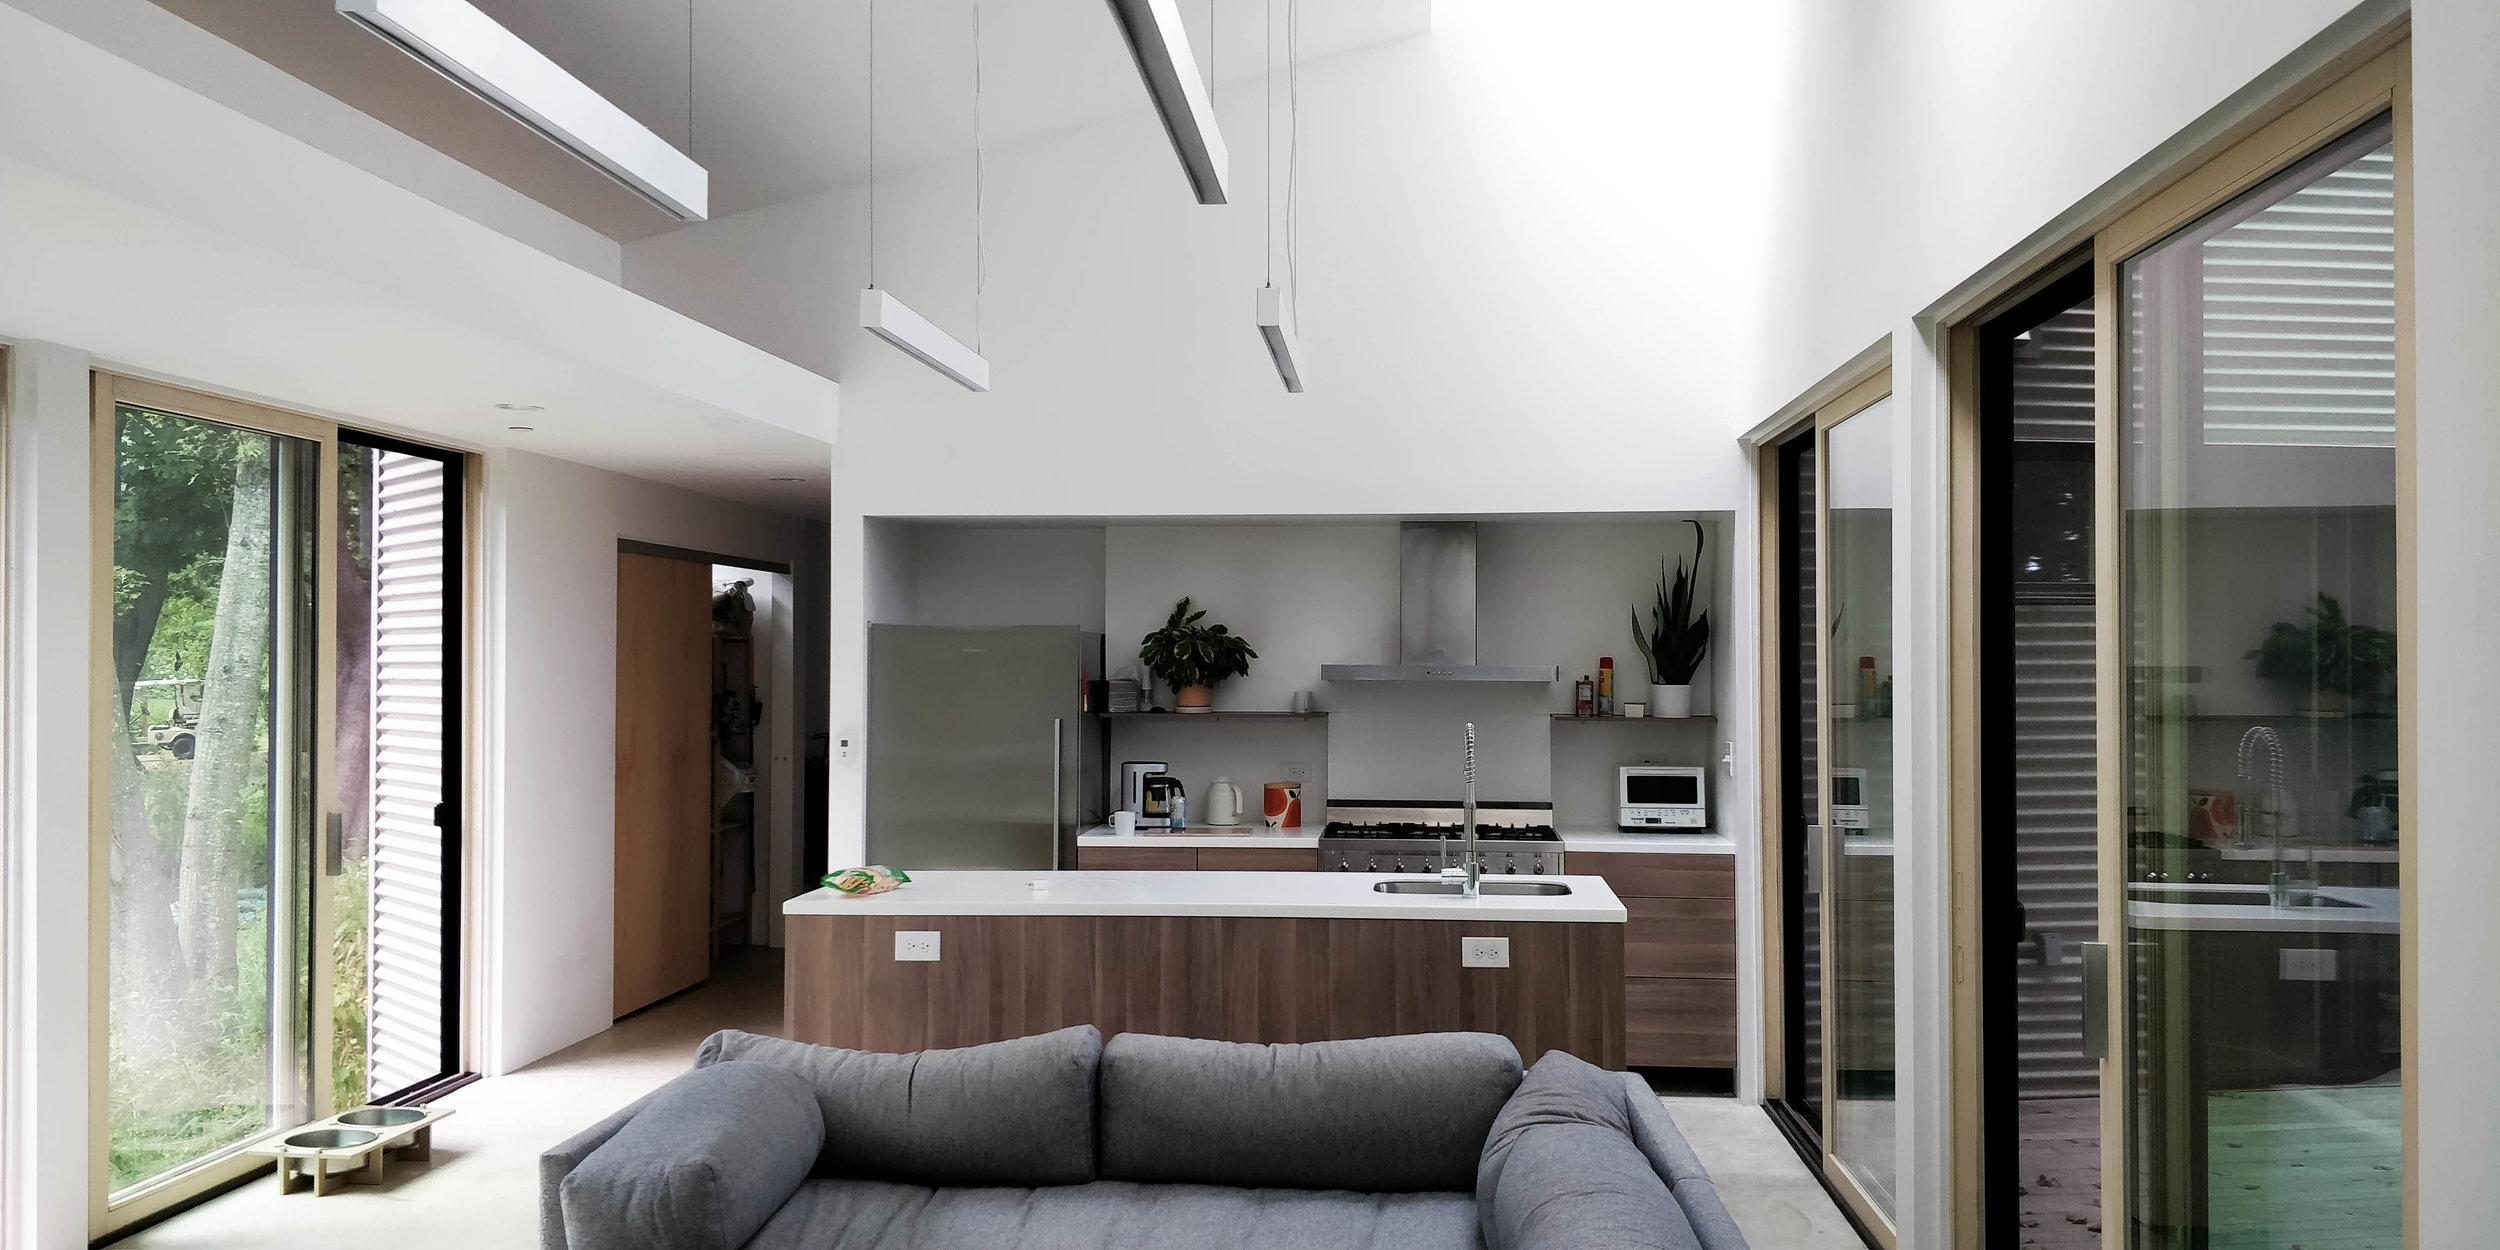 Kitchen-Rework-1.jpg